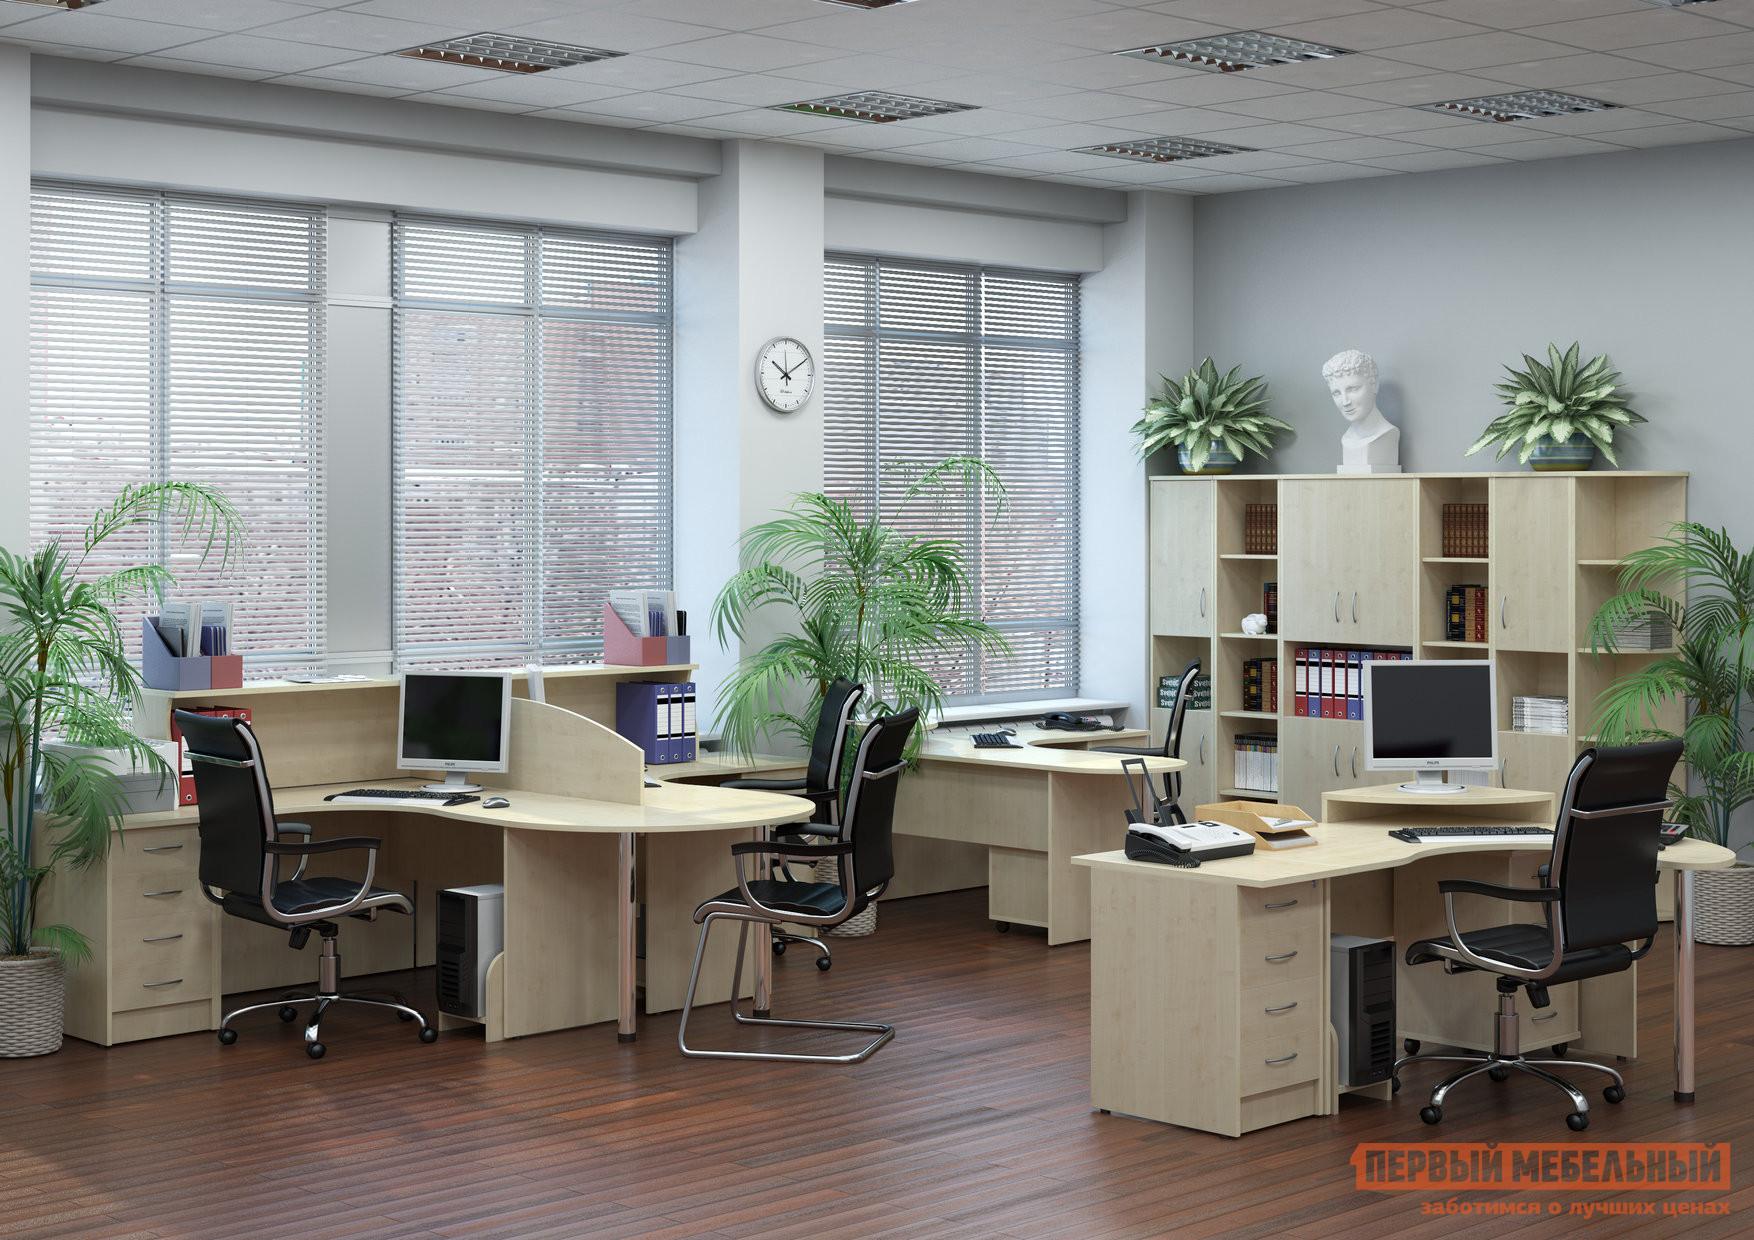 Комплект офисной мебели Riva Рива Клен К2 комплект офисной мебели riva рива ресепшн к1